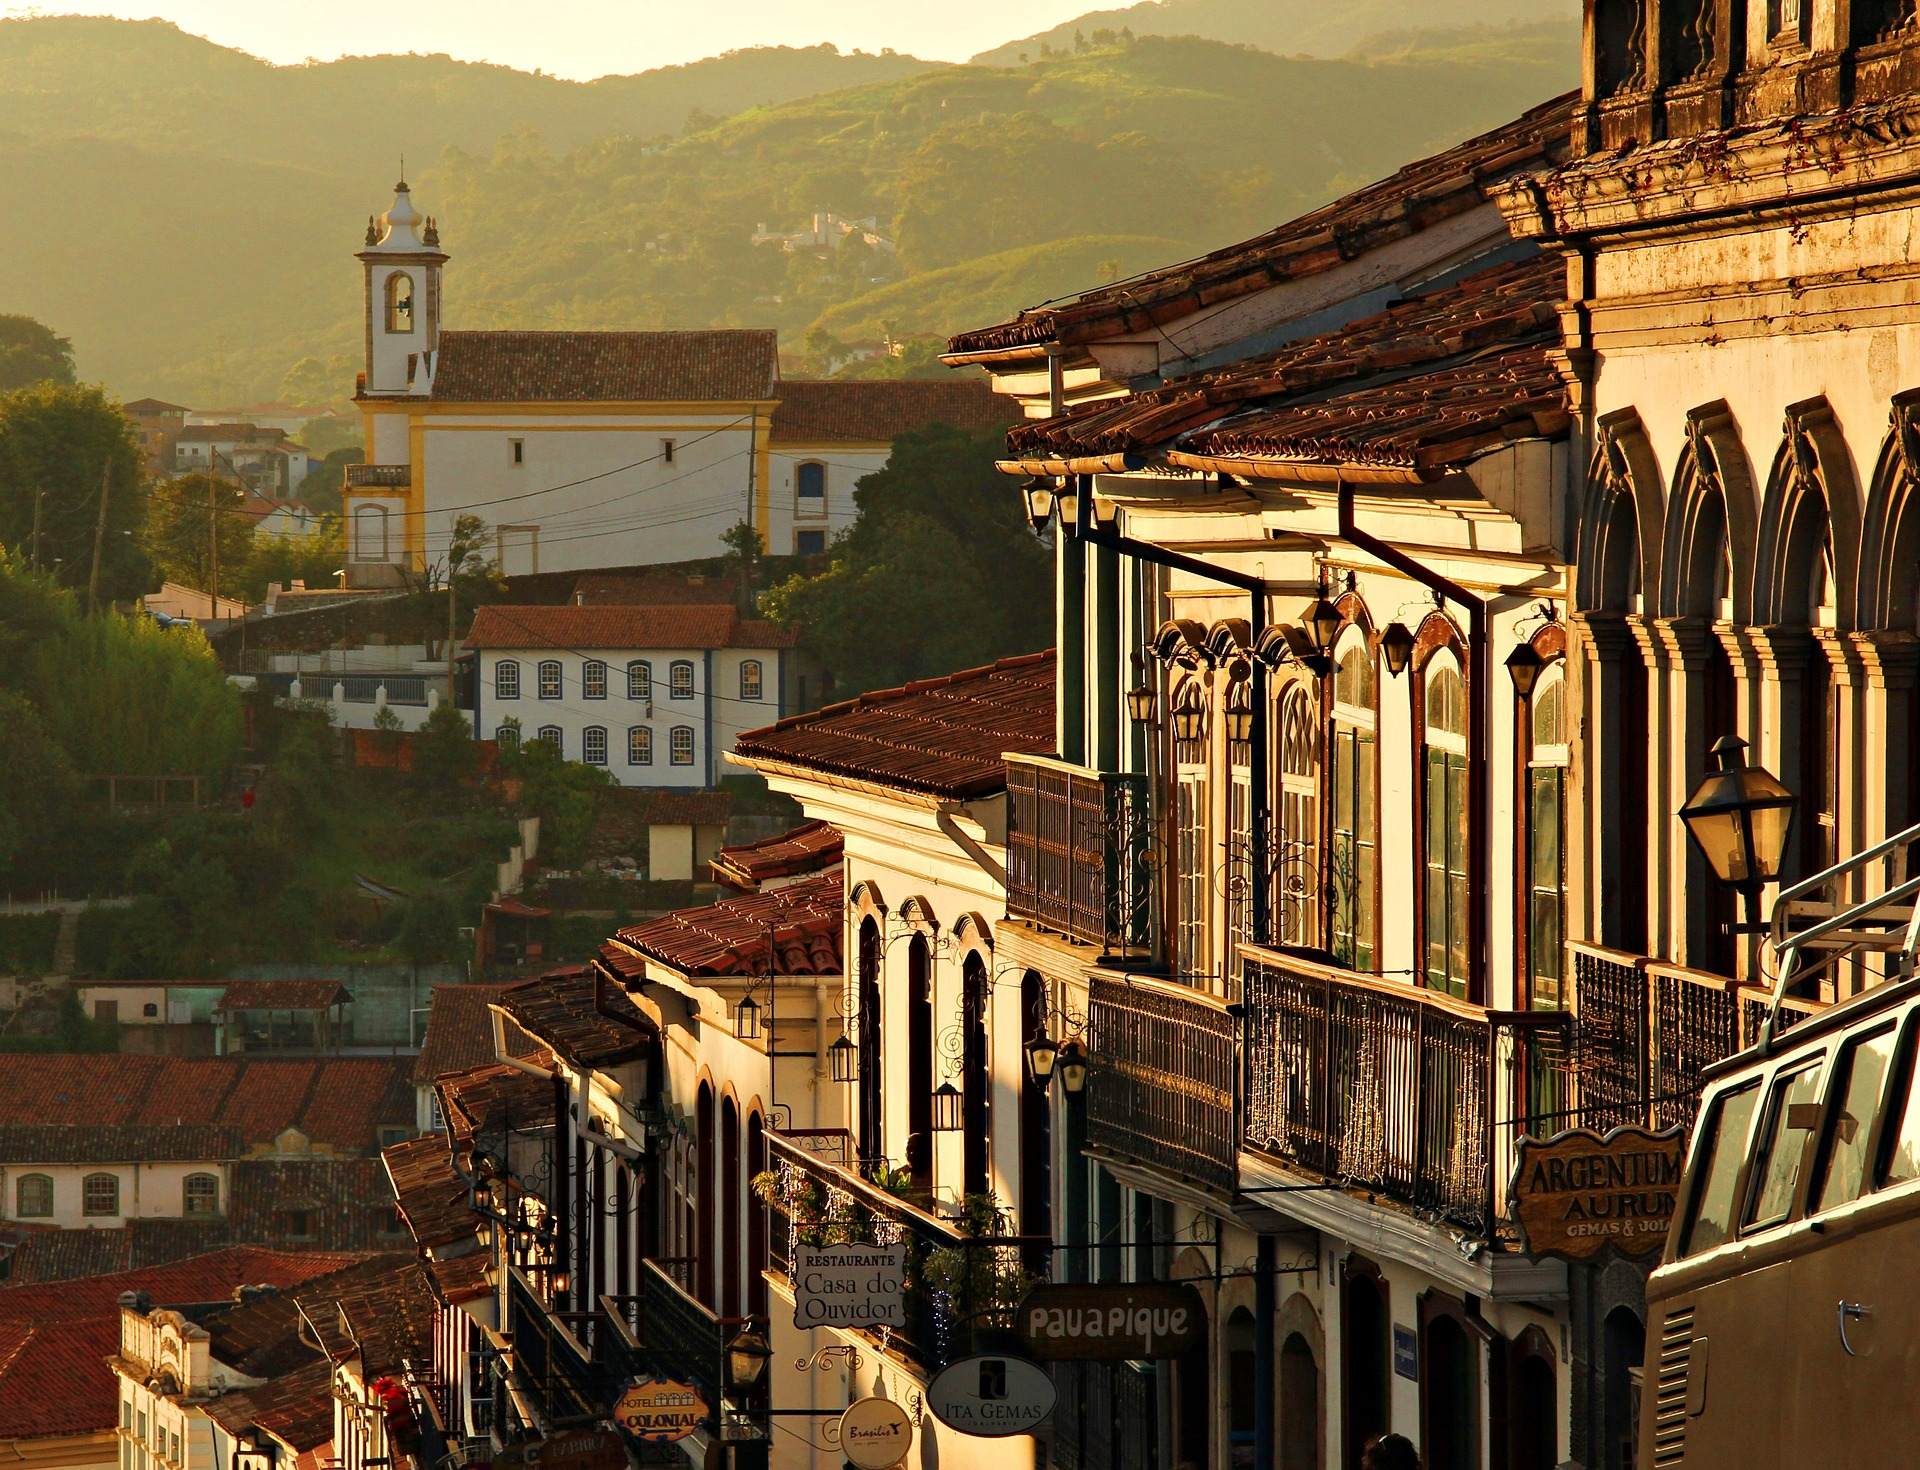 Arquitetura de Ouro Preto, em Minas Gerais